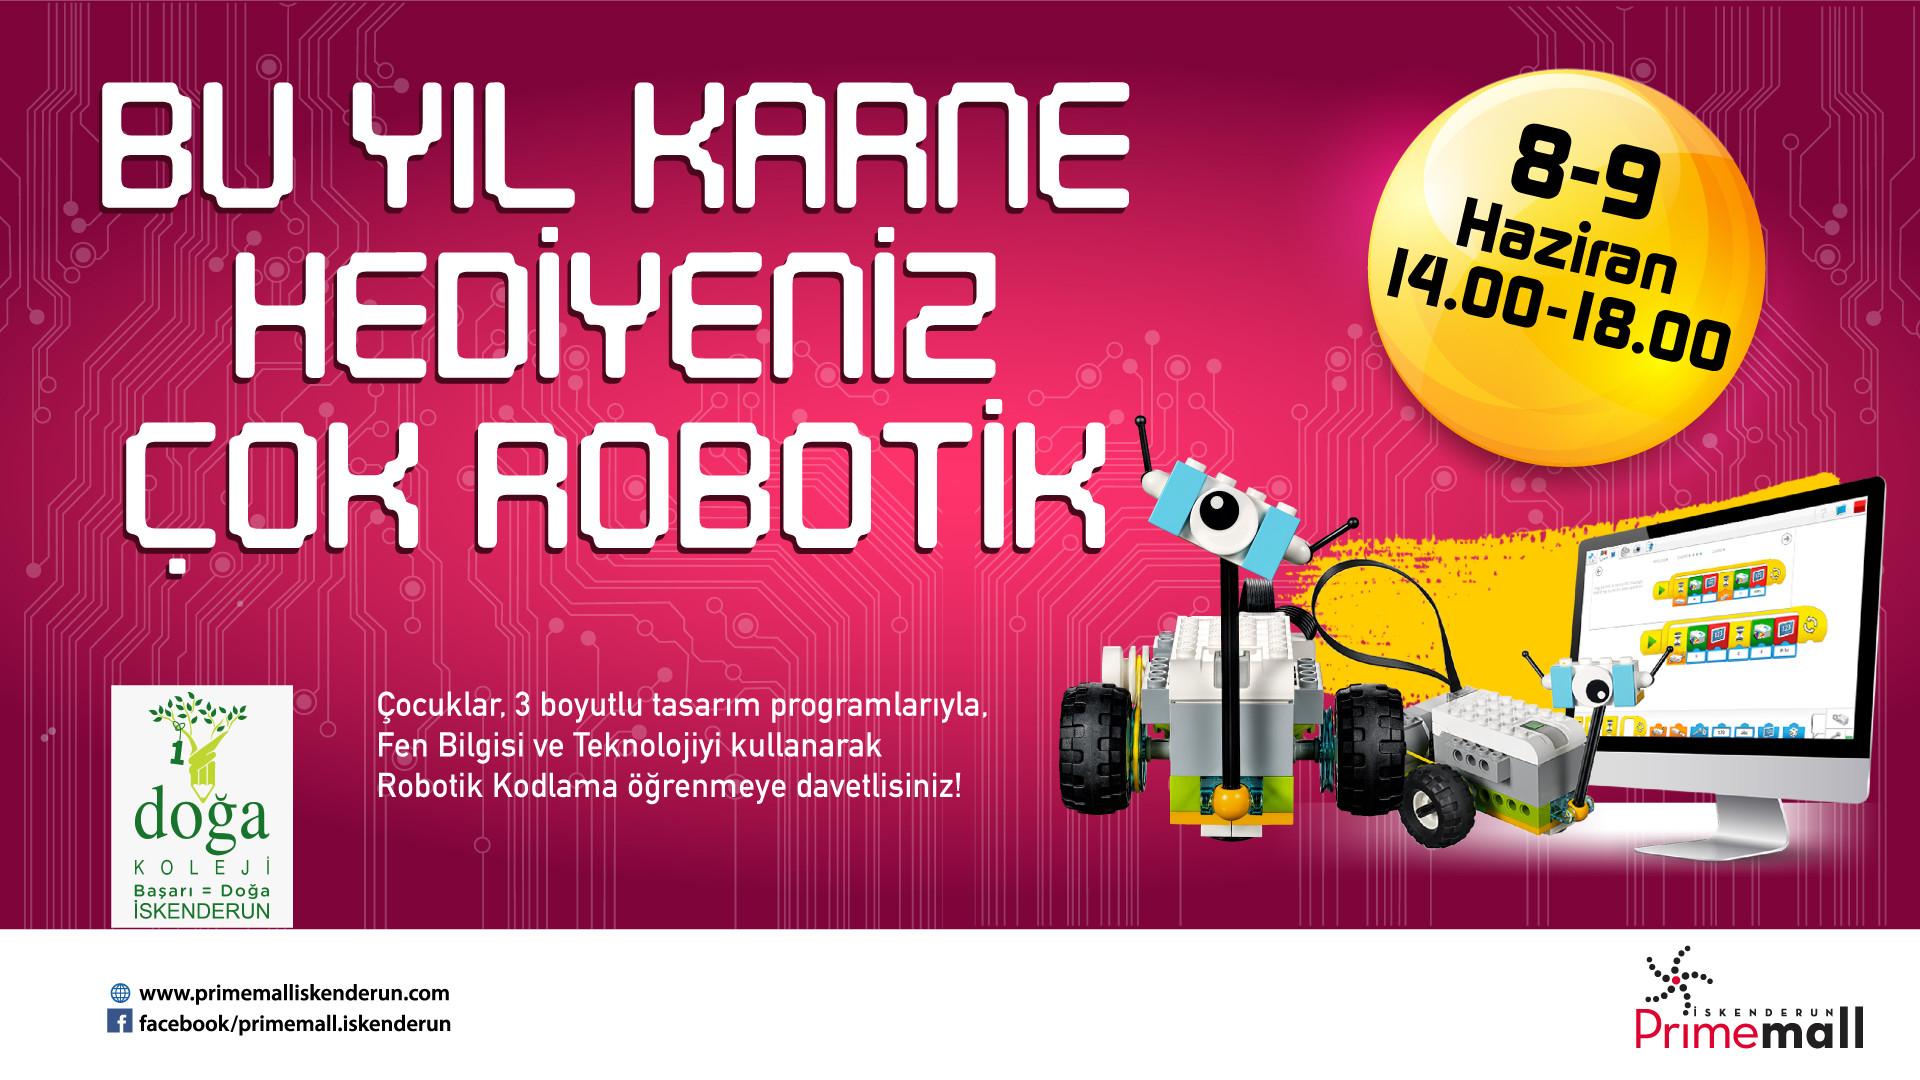 Bu Yıl Karne Hediyeniz Çok Robotik